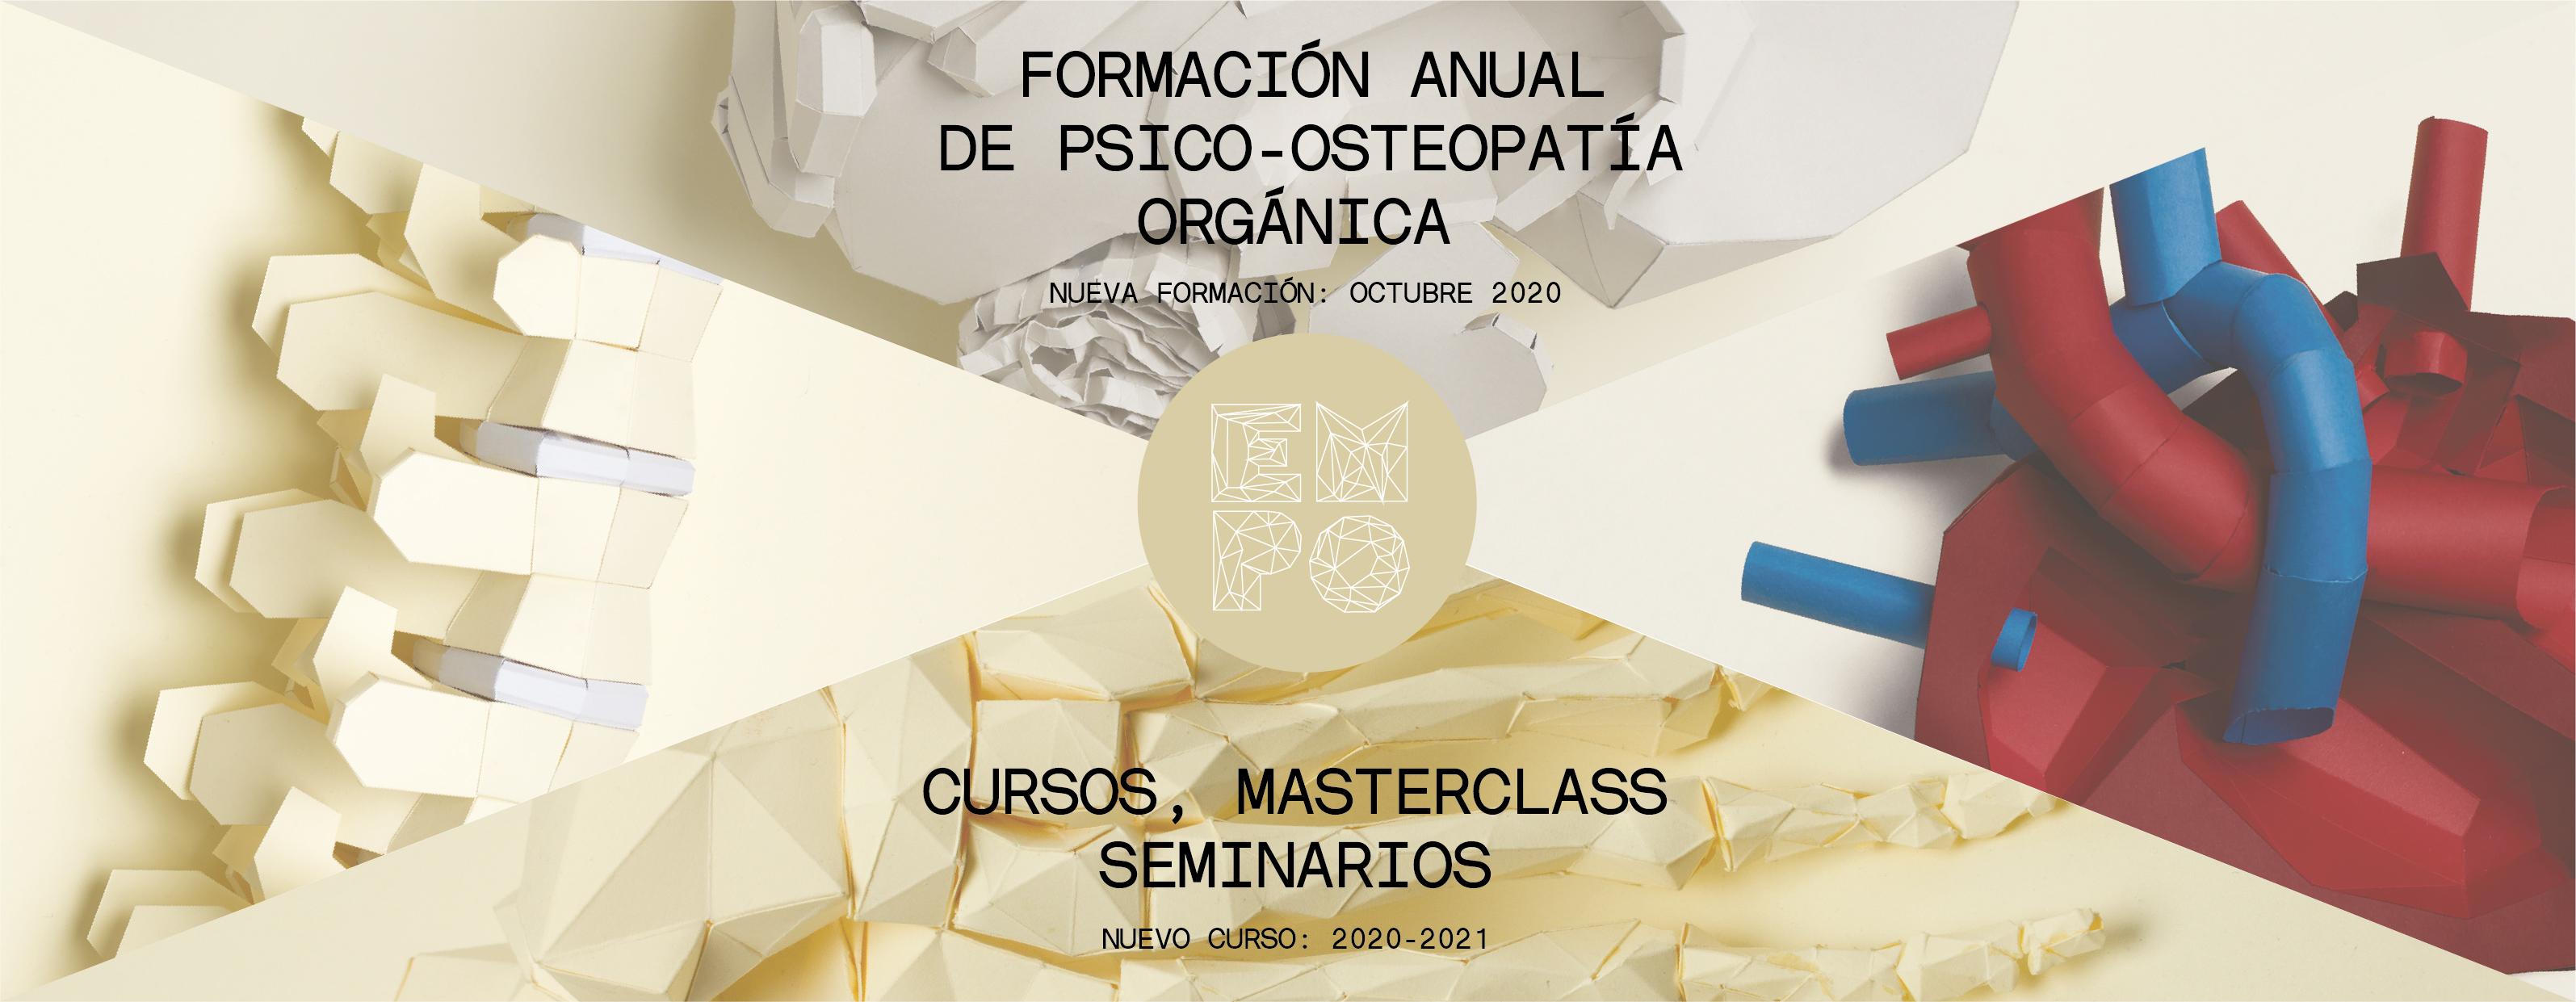 NUEVO CURSO 20-21: FORMACIÓN DE PSICO-OSTEOPATÍA ORGÁNICA